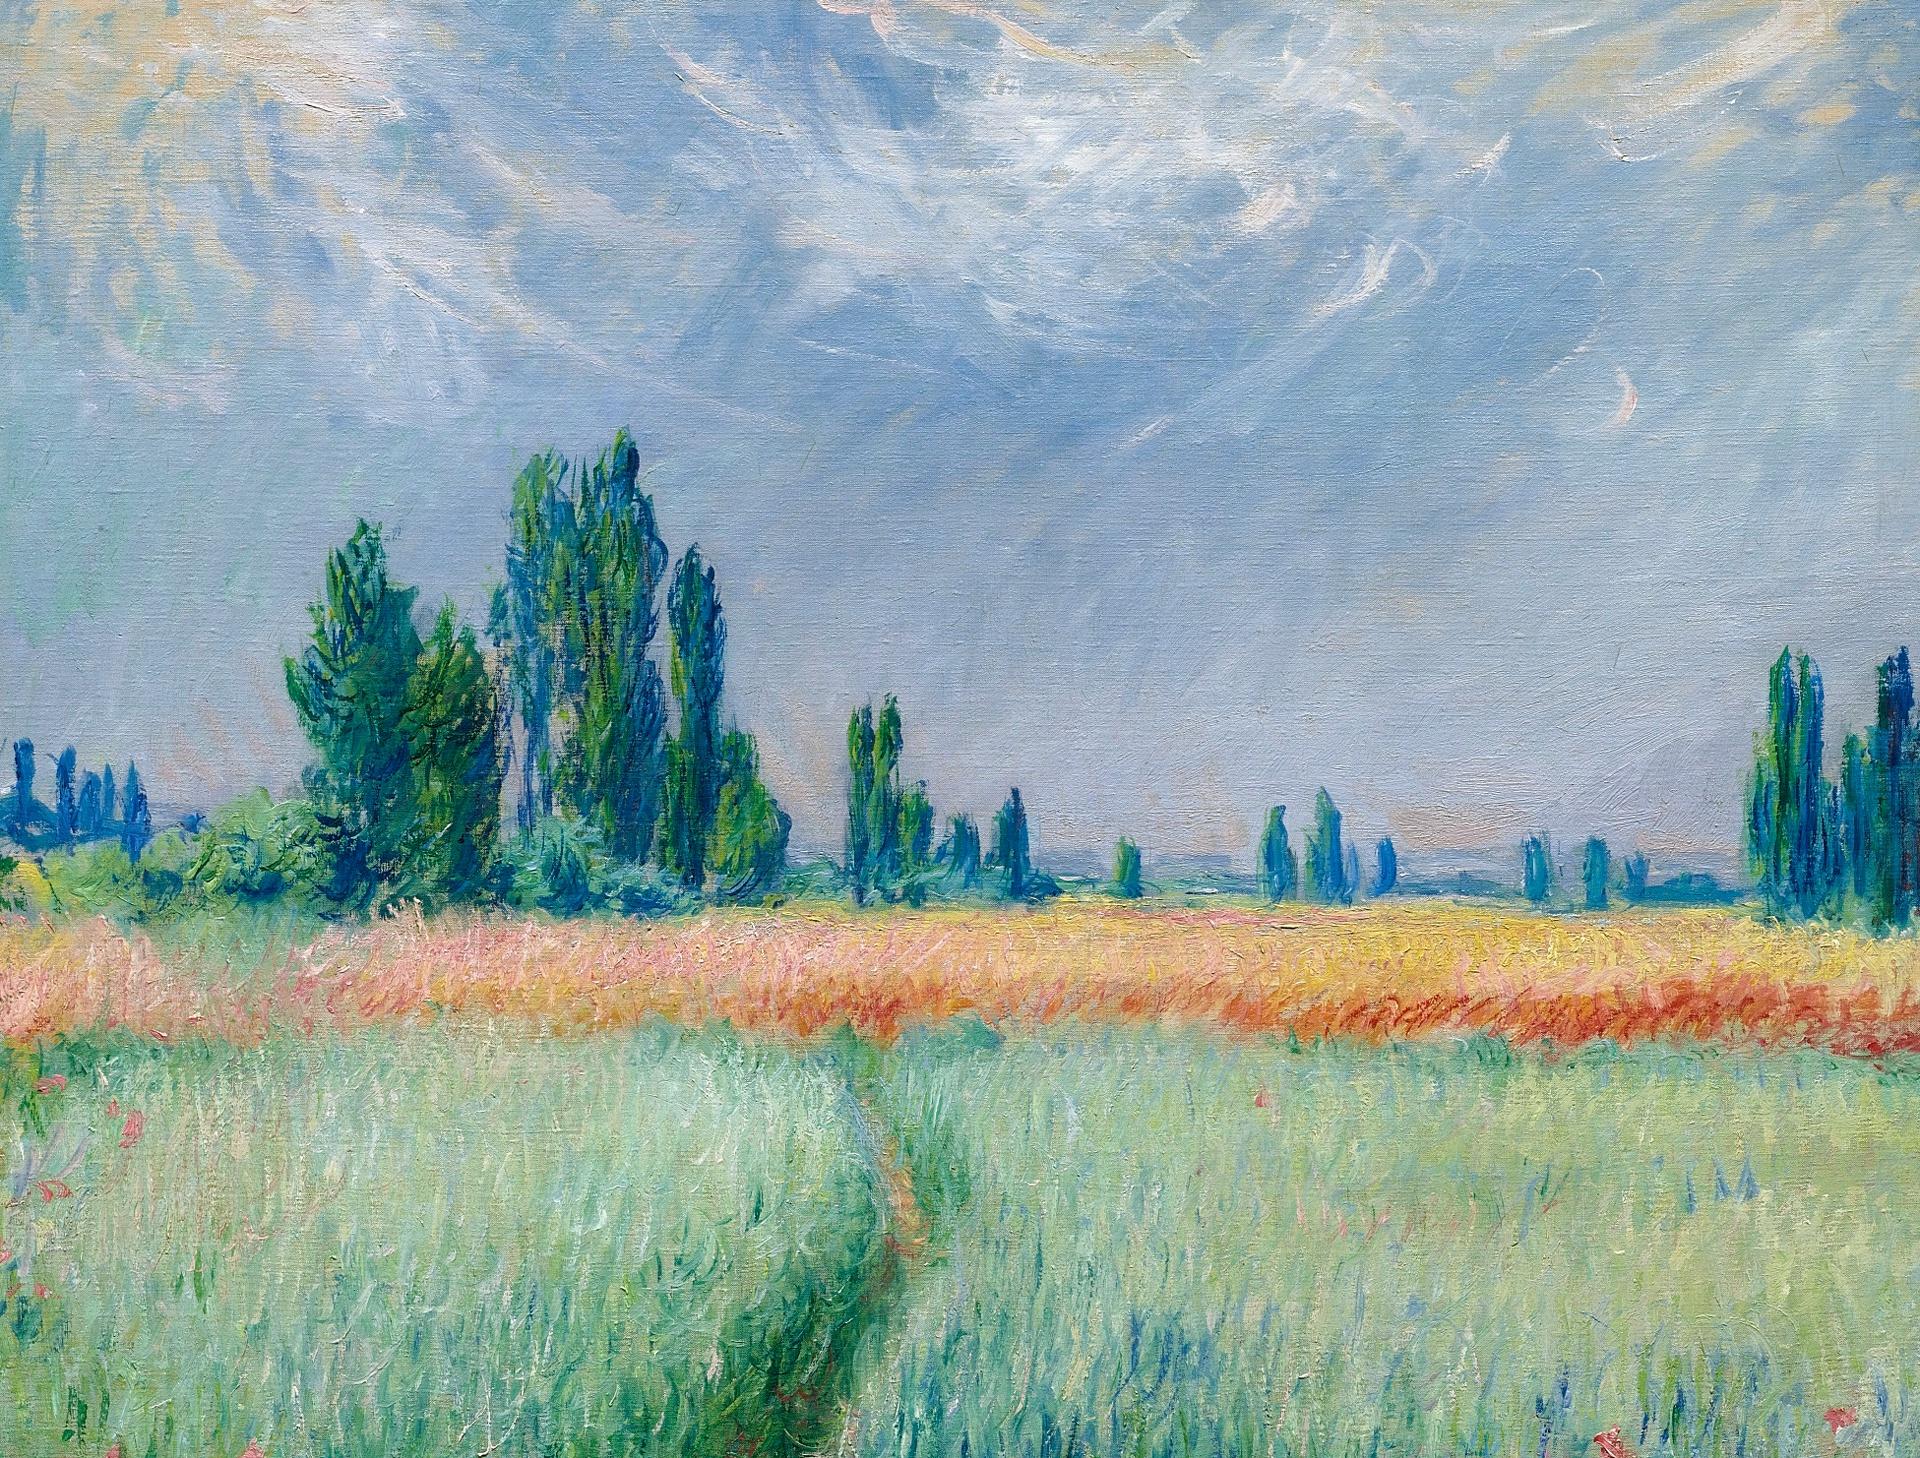 пейзаж < Пшеничное поле >:: Клод Моне, описание картины - Моне Клод (Claude Monet) фото